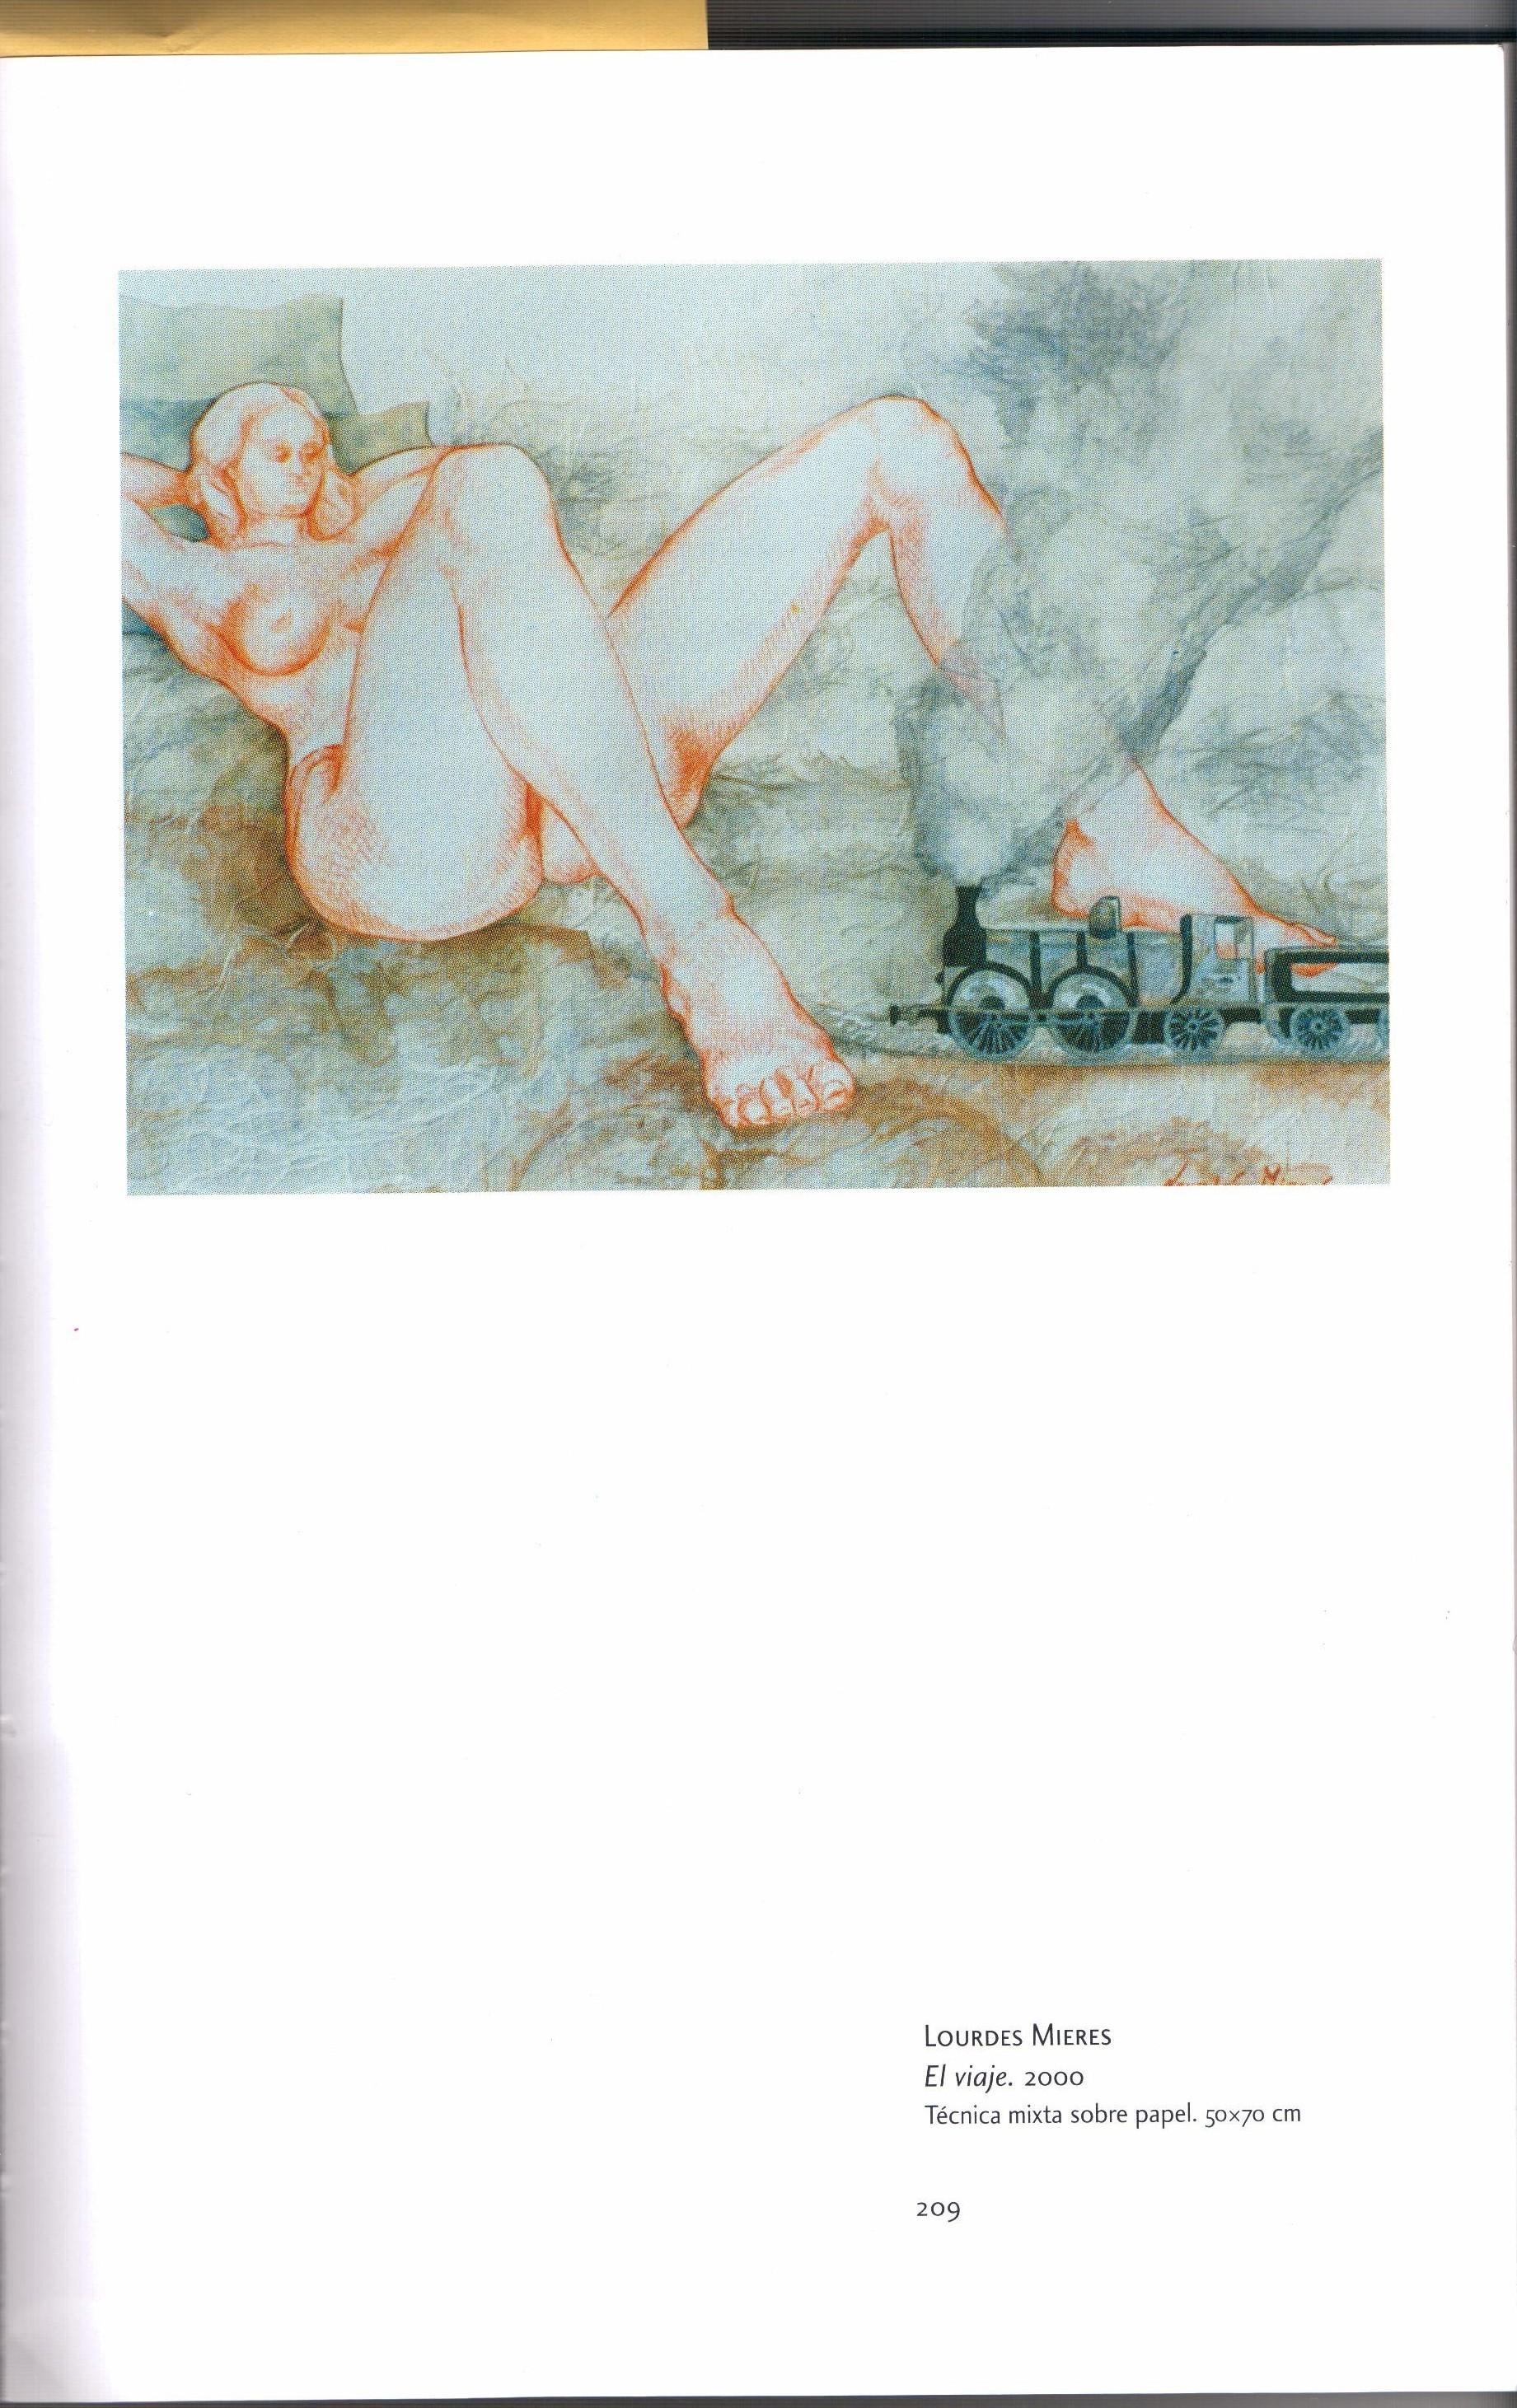 8 Pág. 209 del libro La mujer...